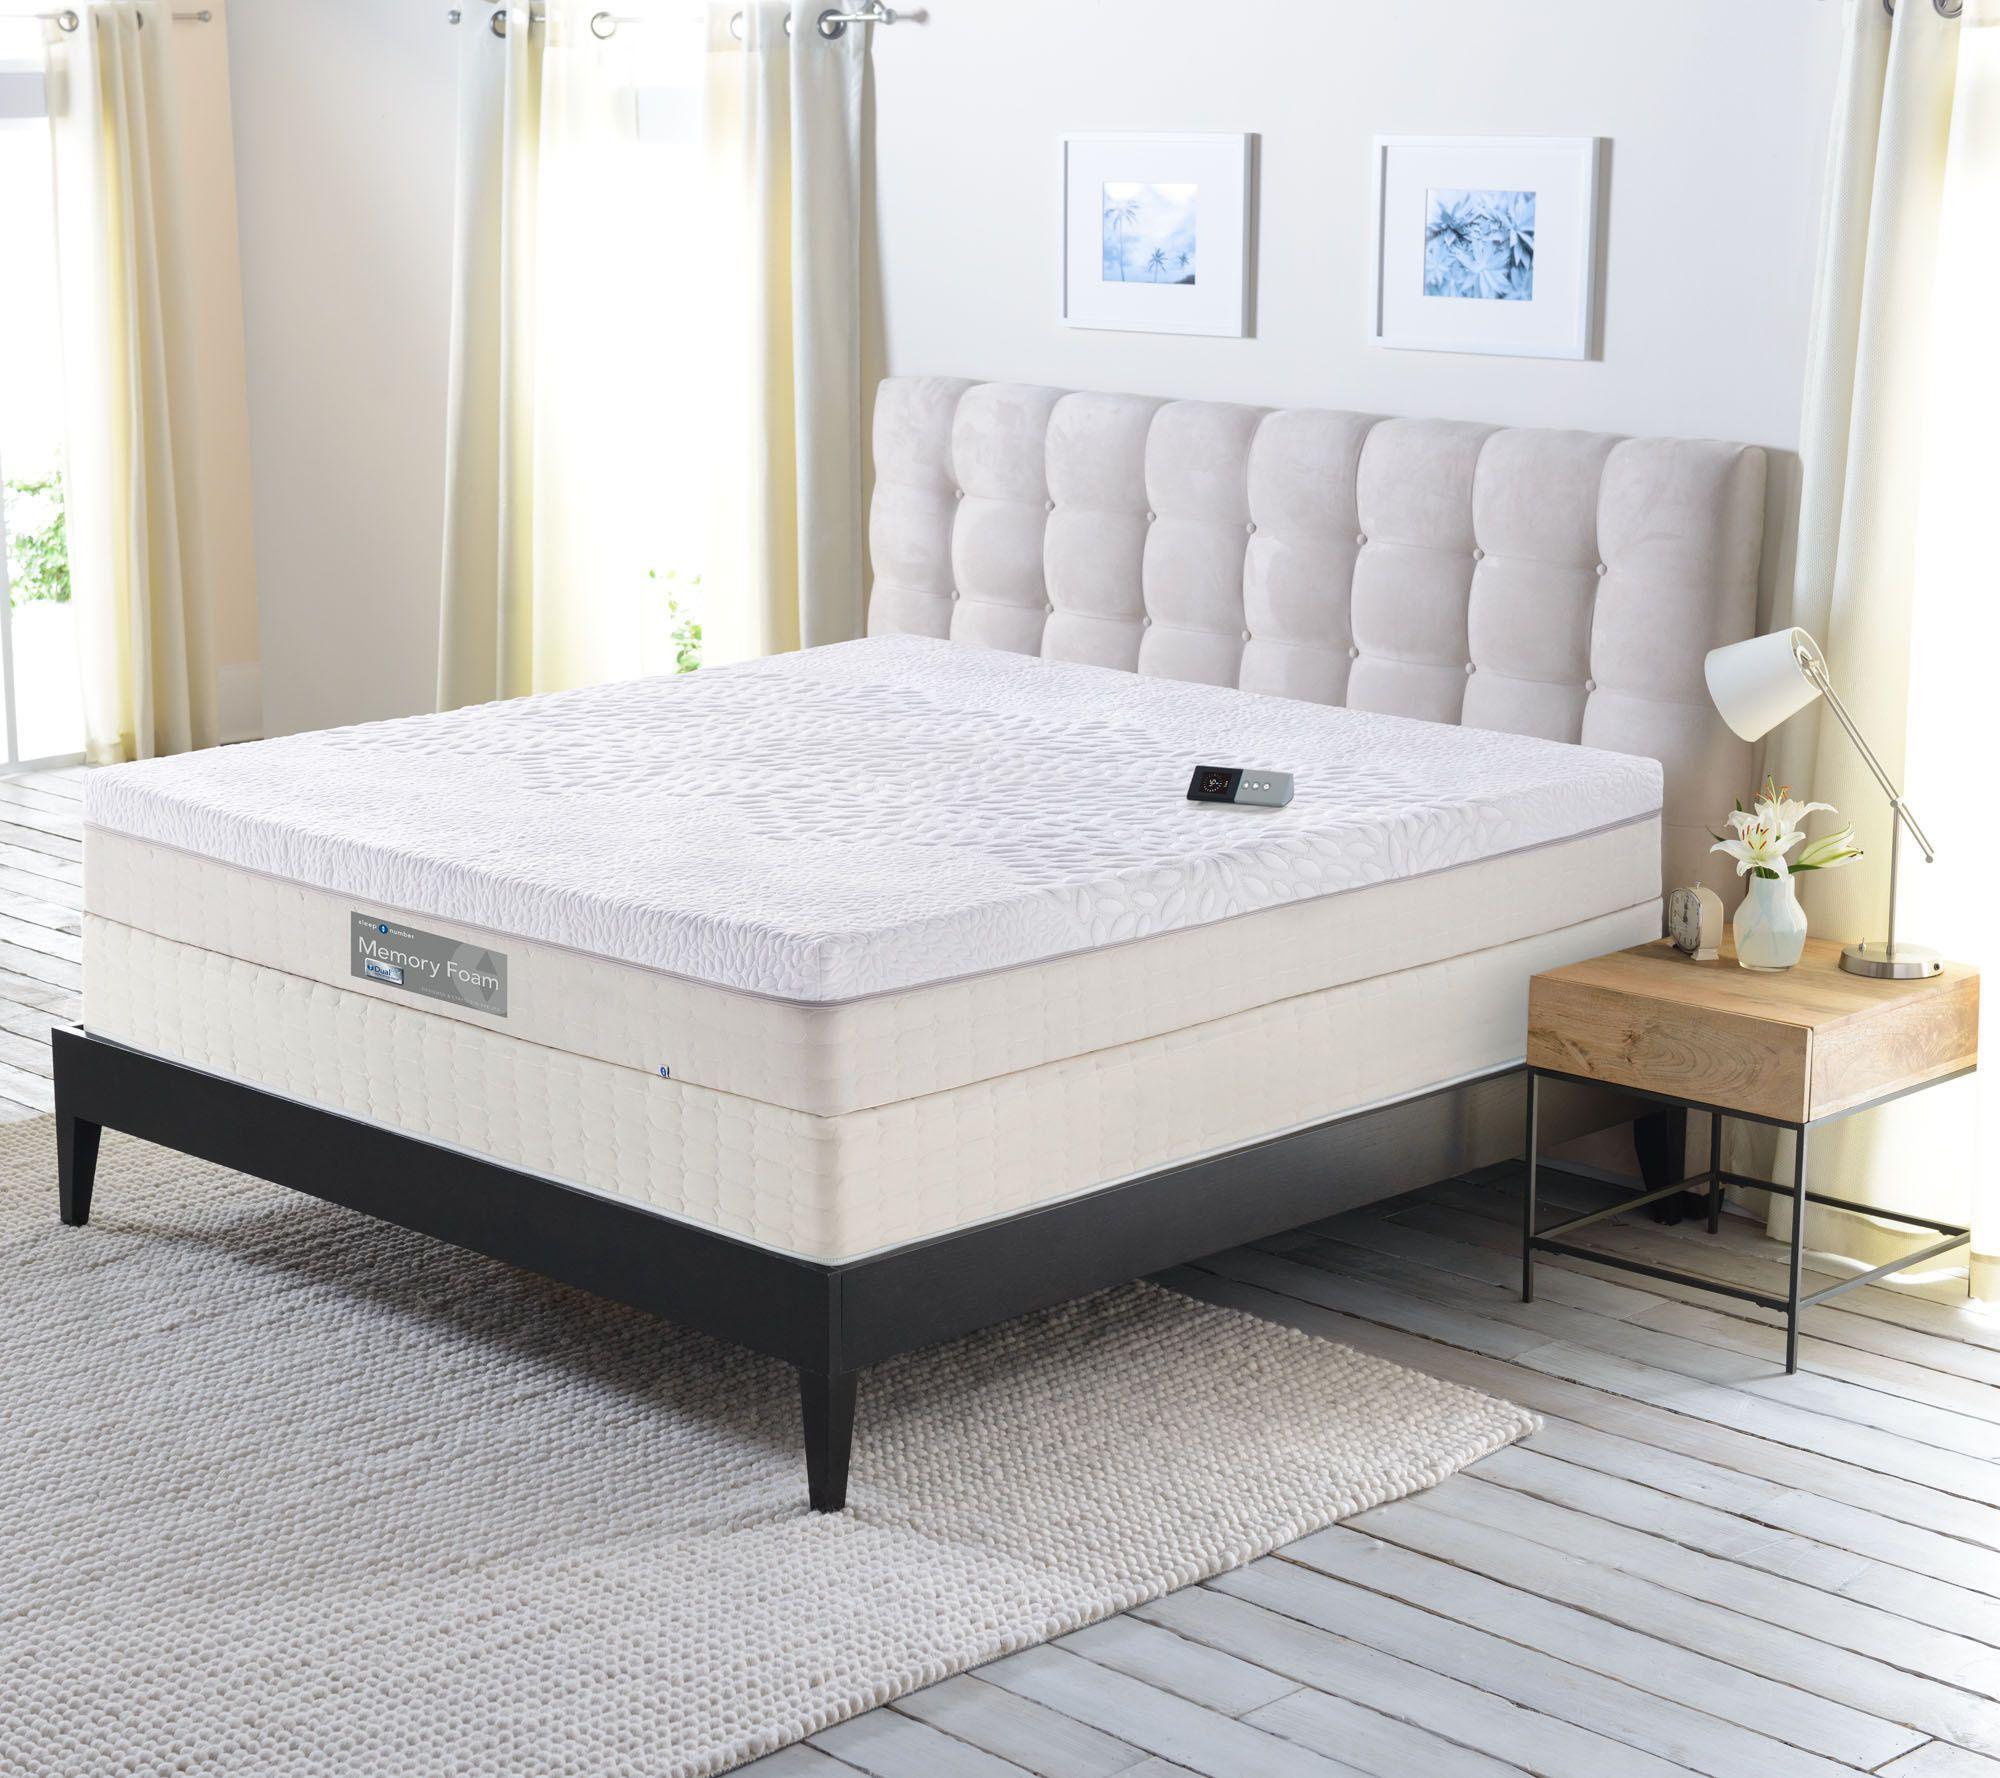 Sleep Number Memory Foam Queen Mattress With Modular Base